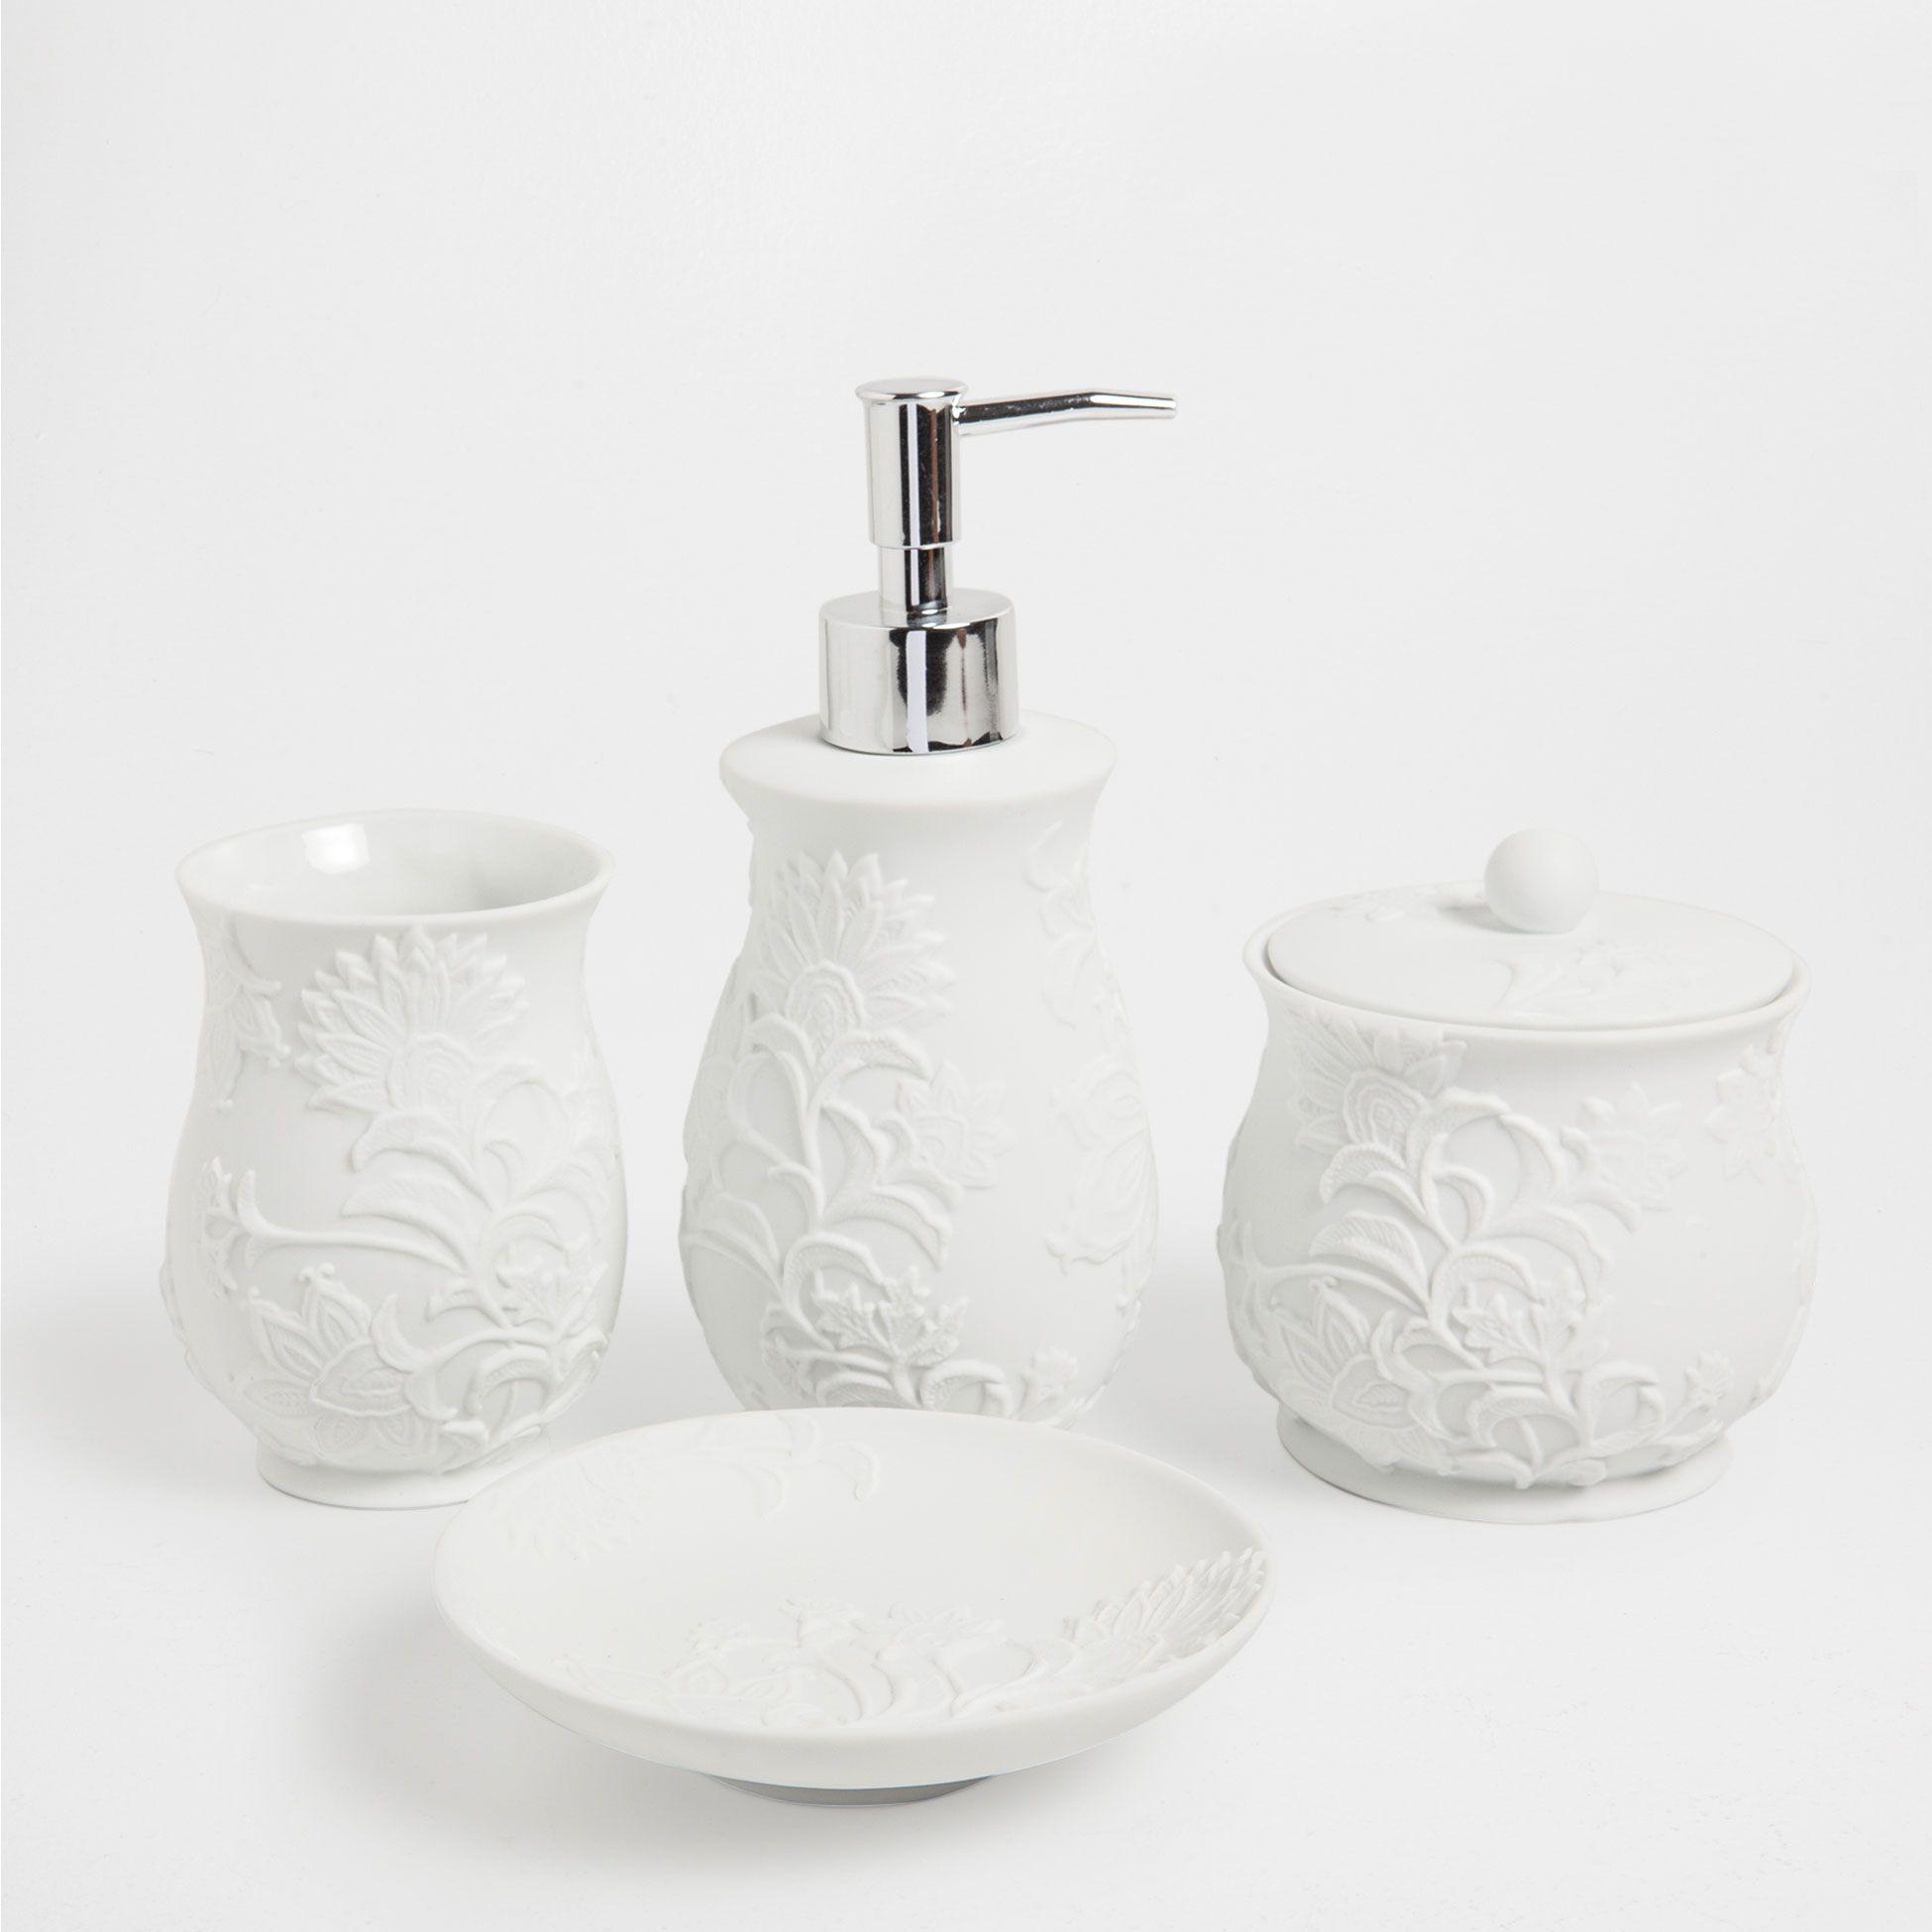 Accesorios de ba o cer mica blanca accesorios ba o for Accesorios bano ceramica